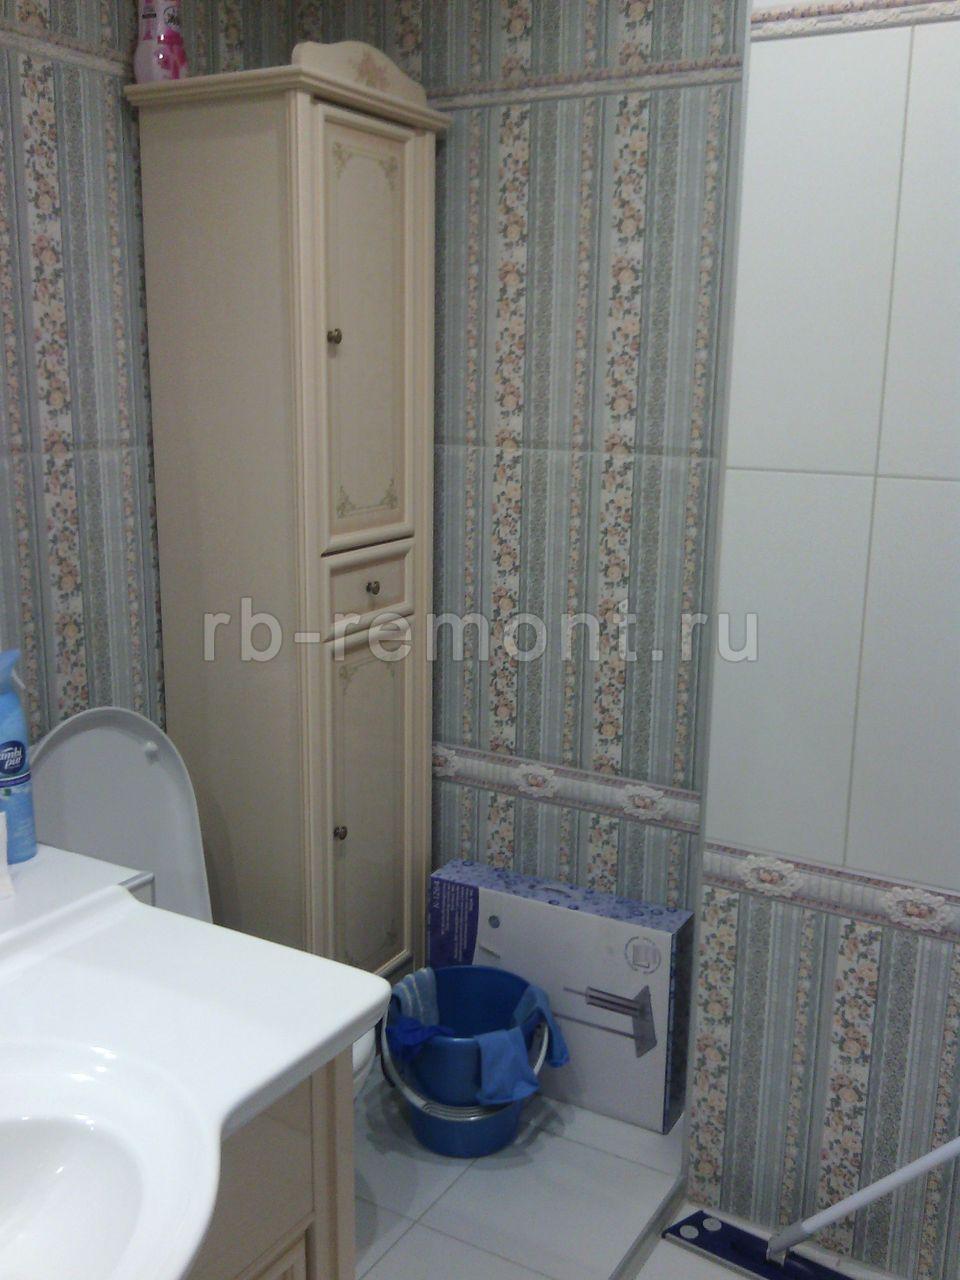 https://www.rb-remont.ru/raboty/photo_/komsomolskaya-125.1-00/img/img_20150709_120932.jpg (бол.)